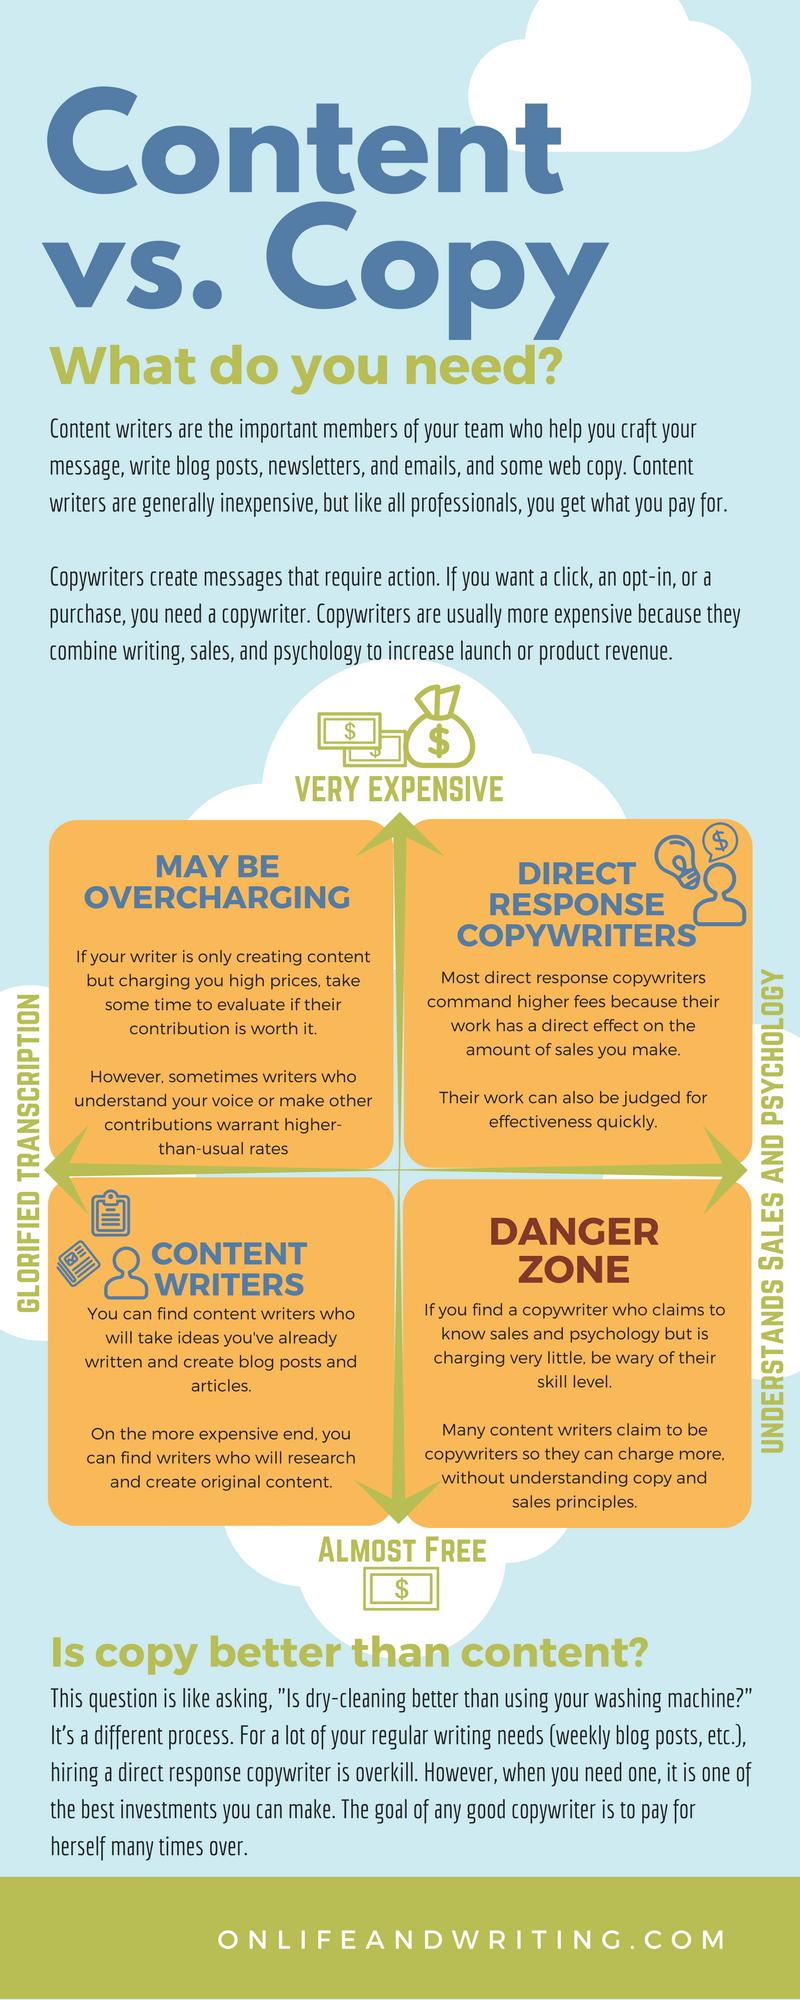 Content vs. Copy